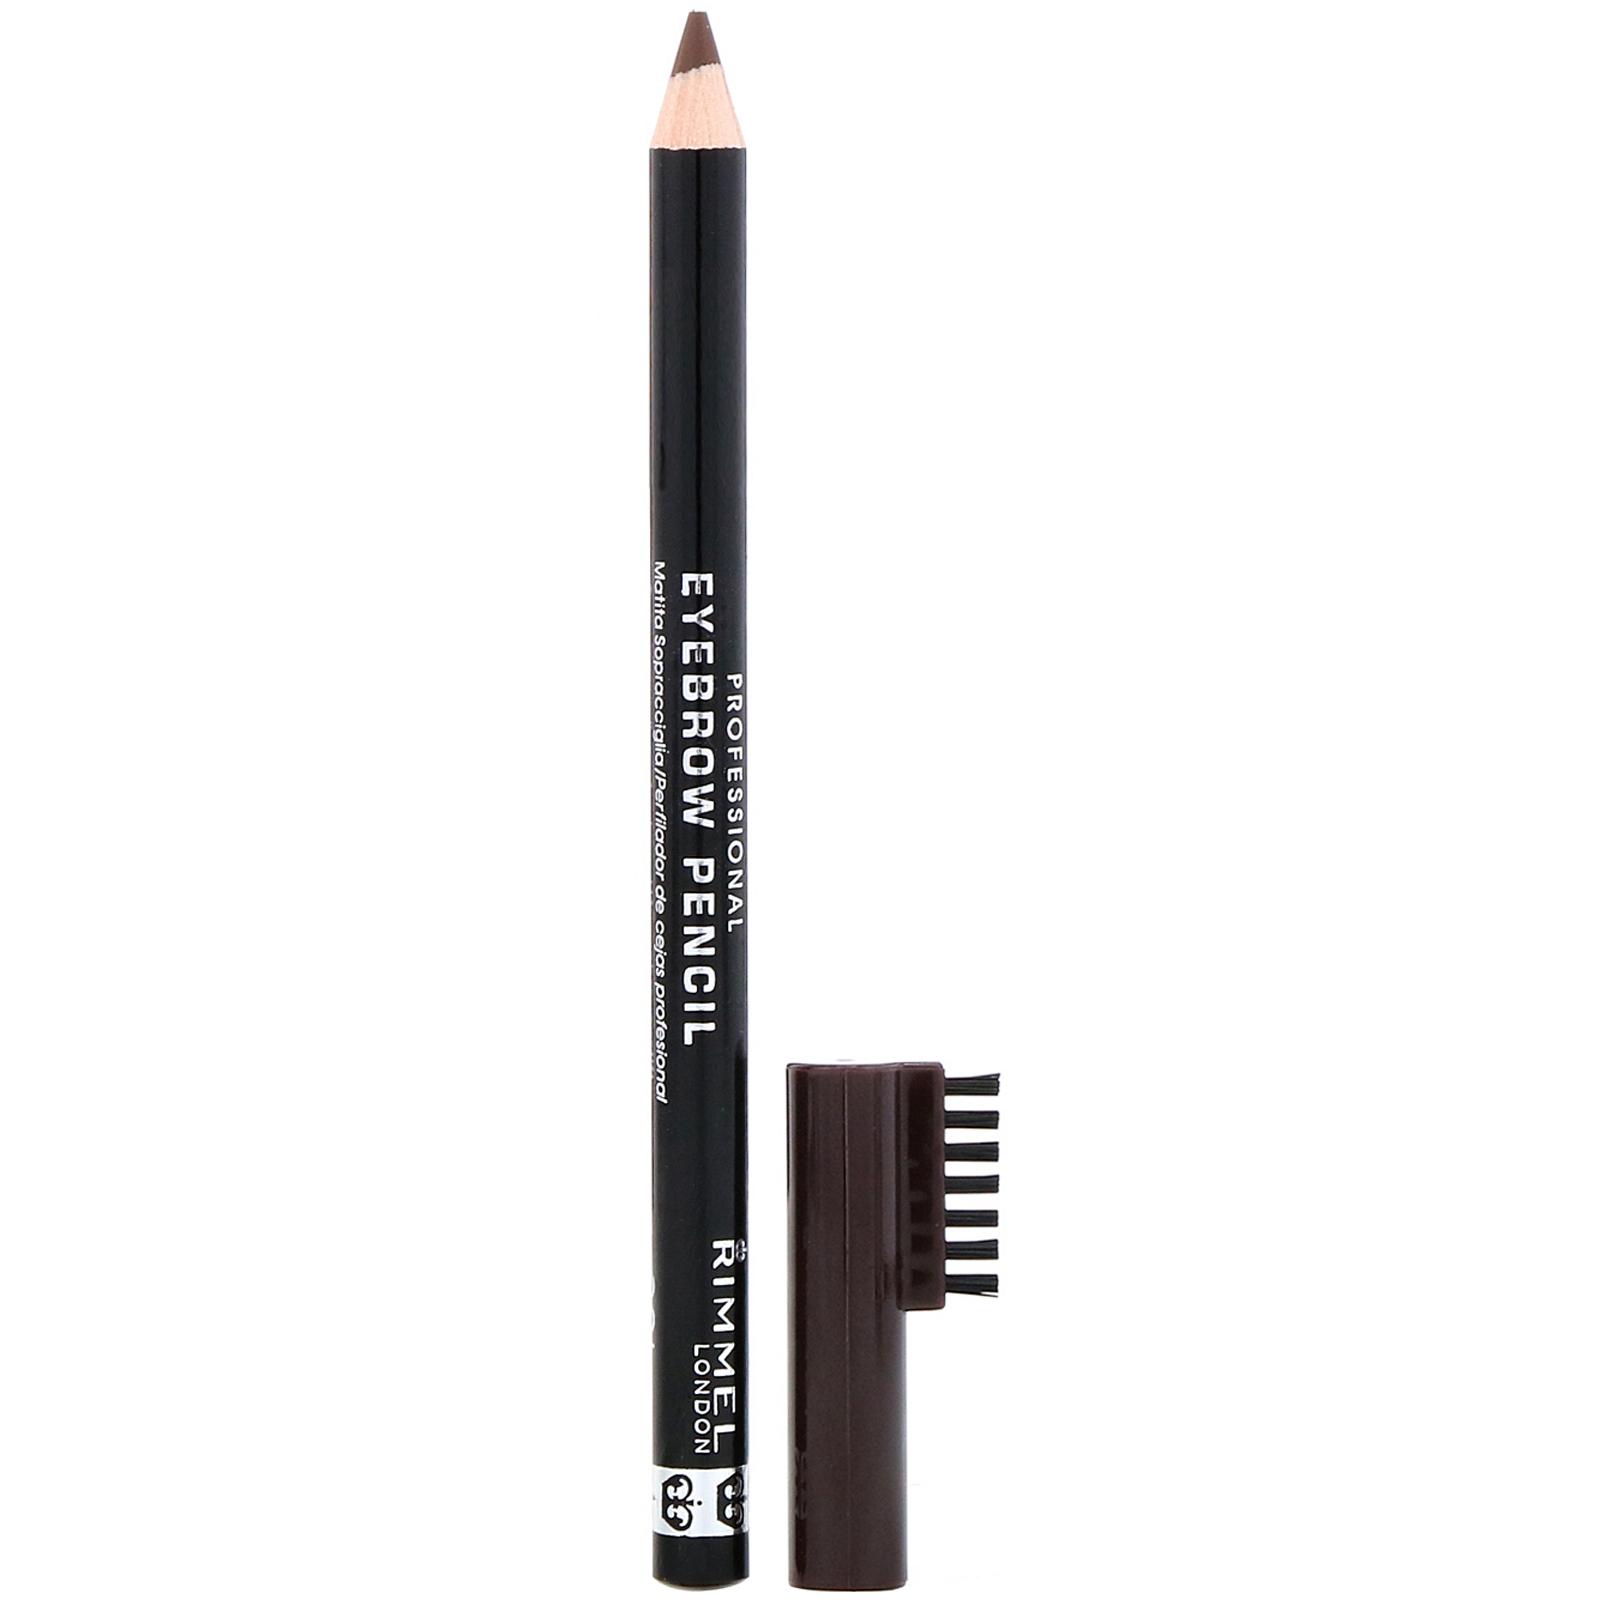 Rimmel London, Профессиональный карандаш для бровей, 001 темно-коричневый, 1,4 г